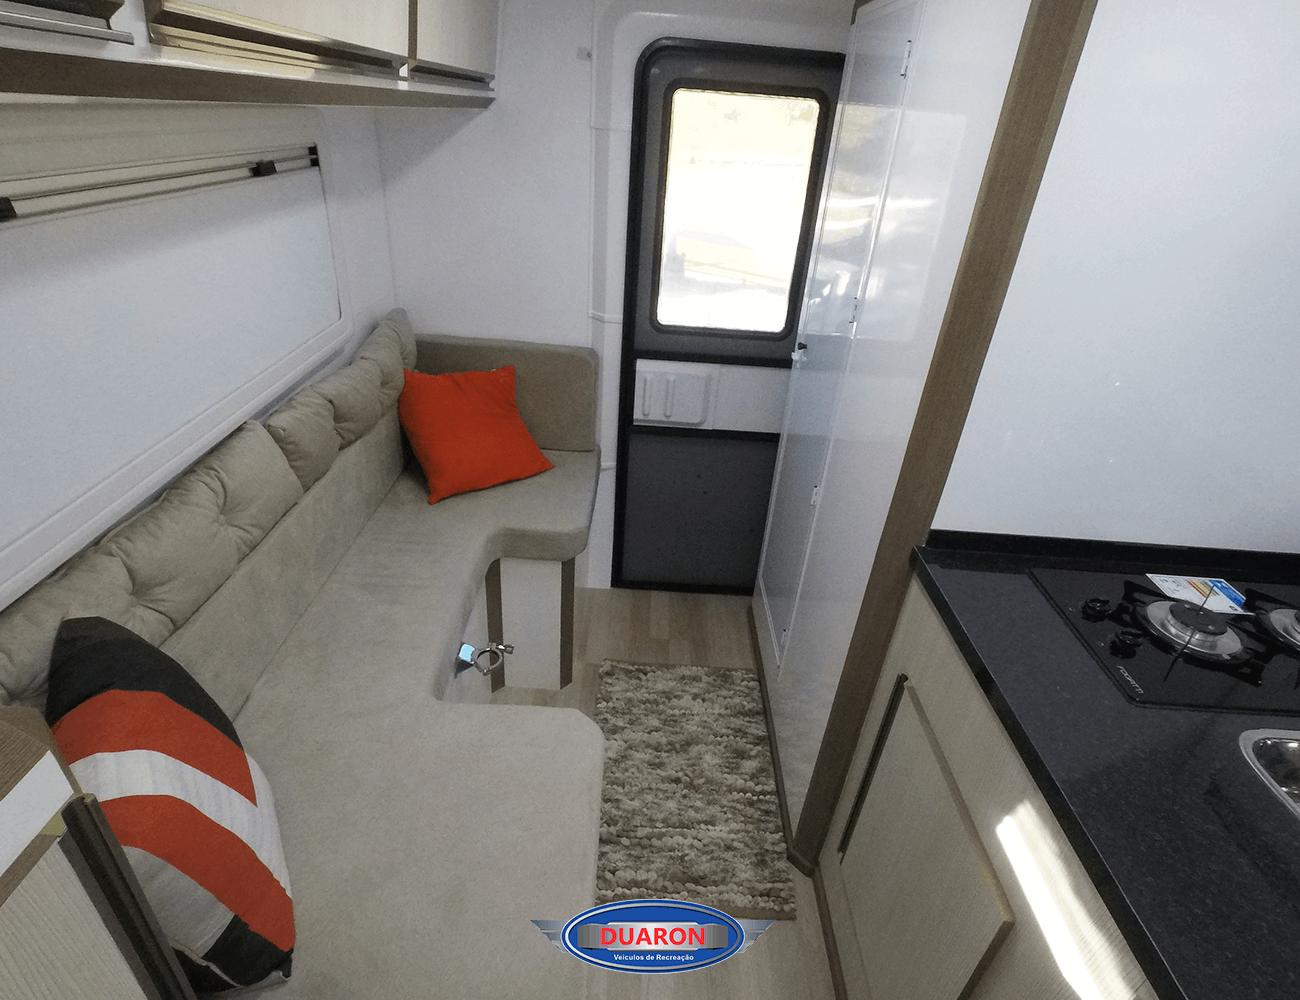 camper-duaron-king-32